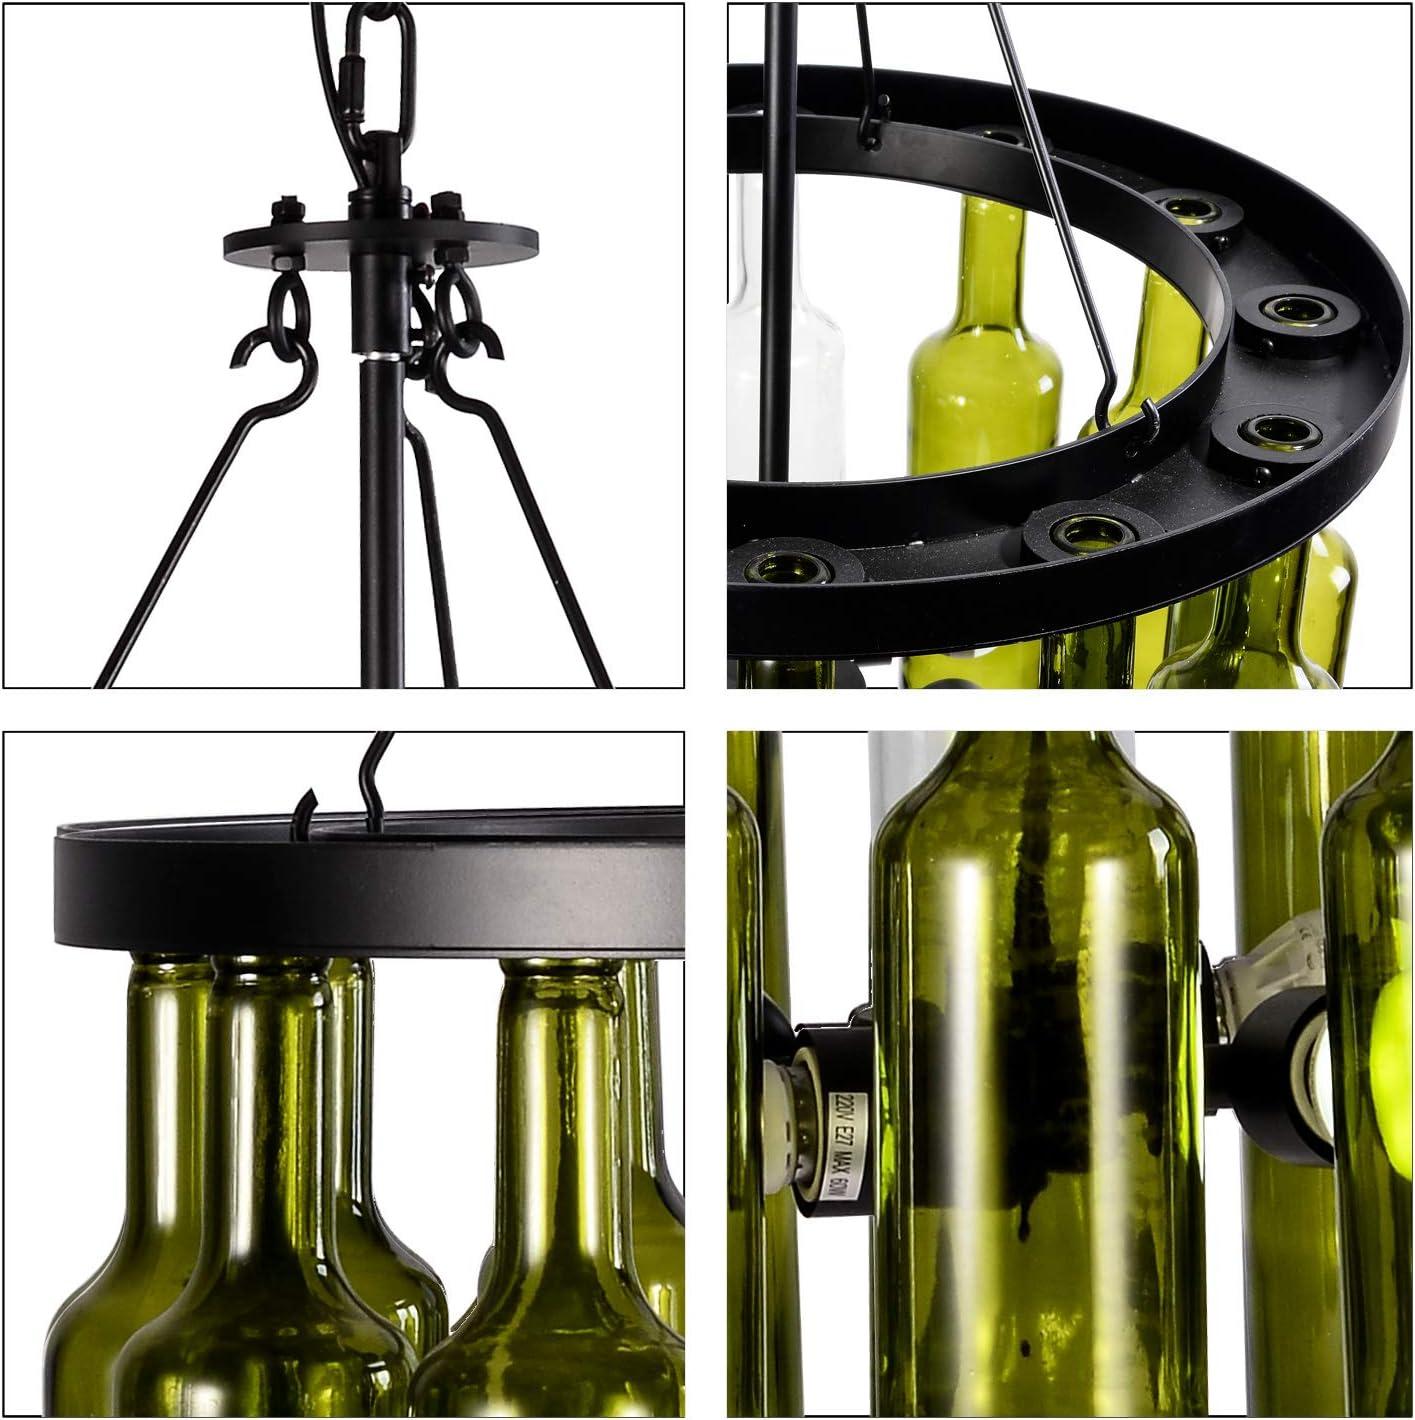 CSDM.AI 4 Luces Retro Colgante De Luz Sombra De Vino Botella Redonda Araña Loft para KTV Bar and Restaurant Club Lights, Verde, AC110-220V,220V: Amazon.es: Hogar